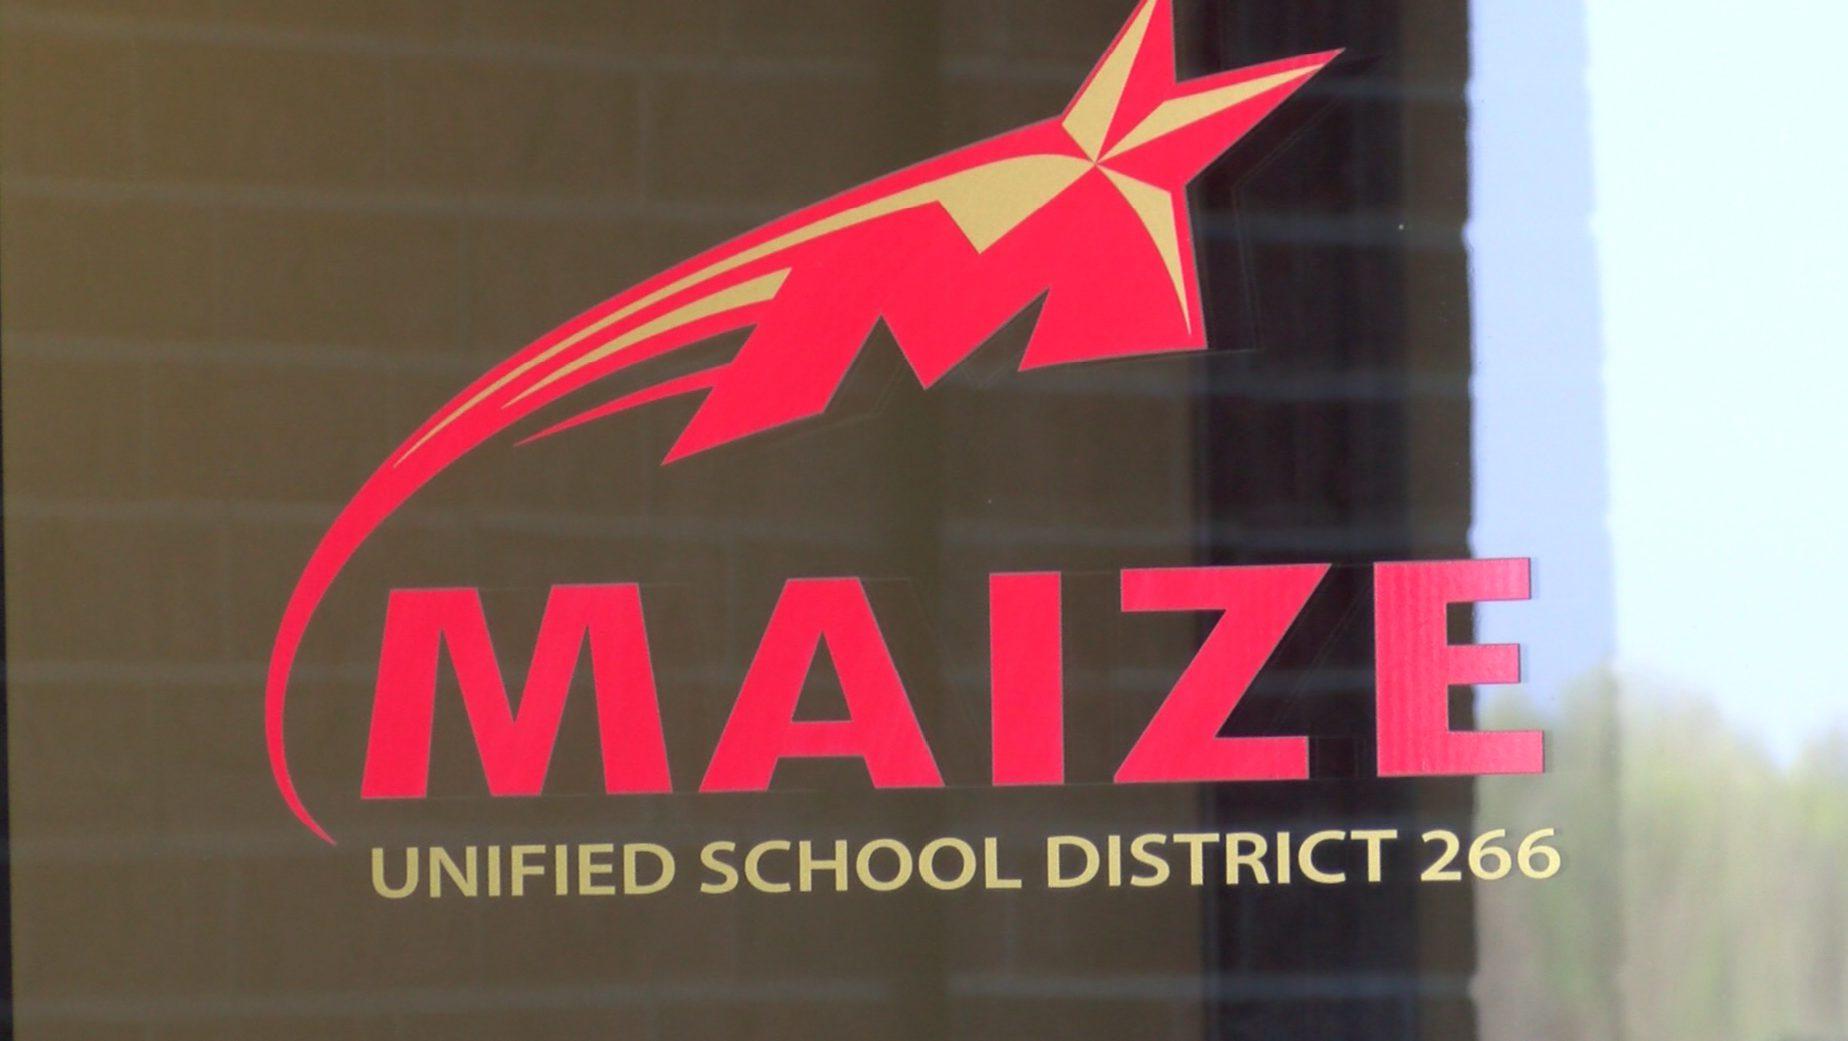 Maize Public Schools_174177